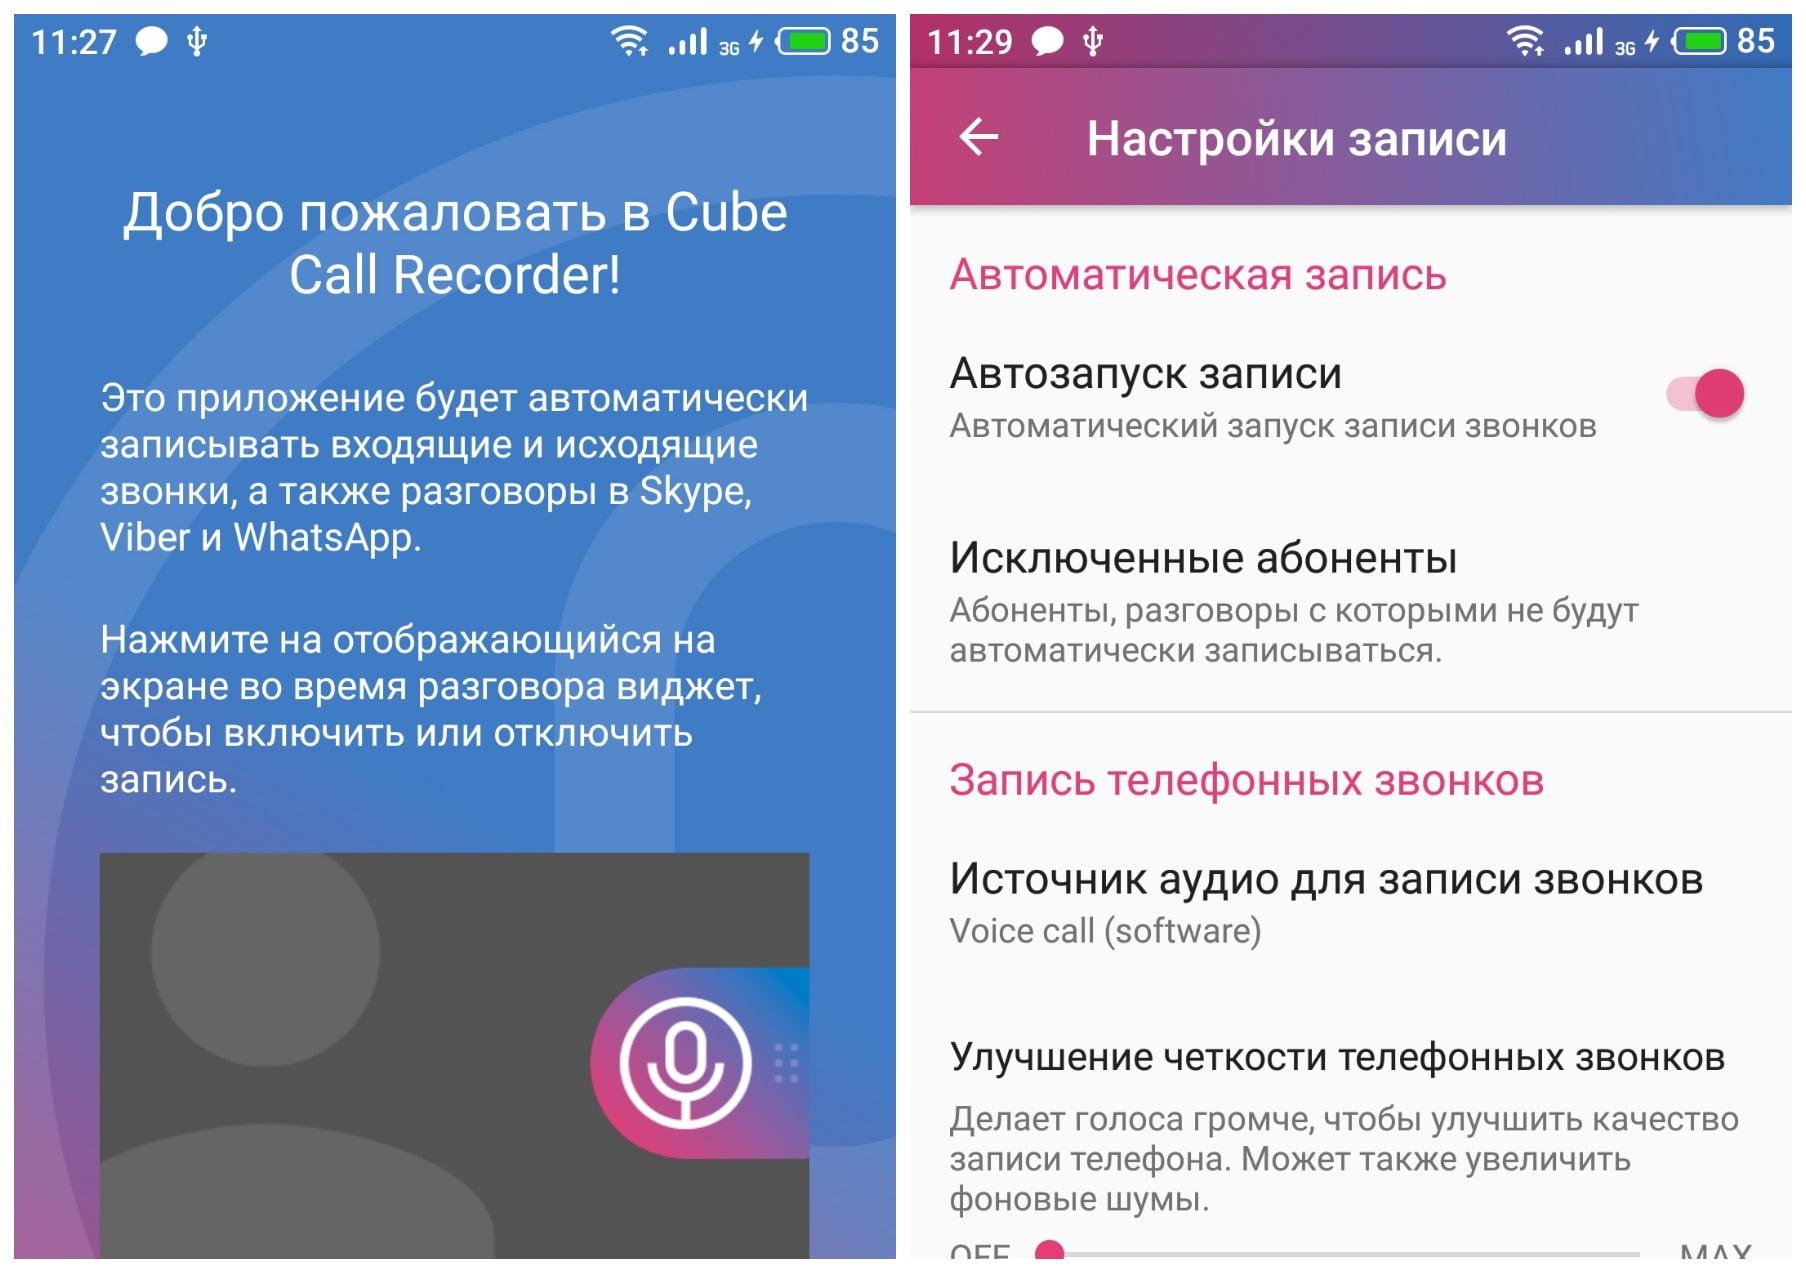 На фото изображено приложение Cube call recorder.